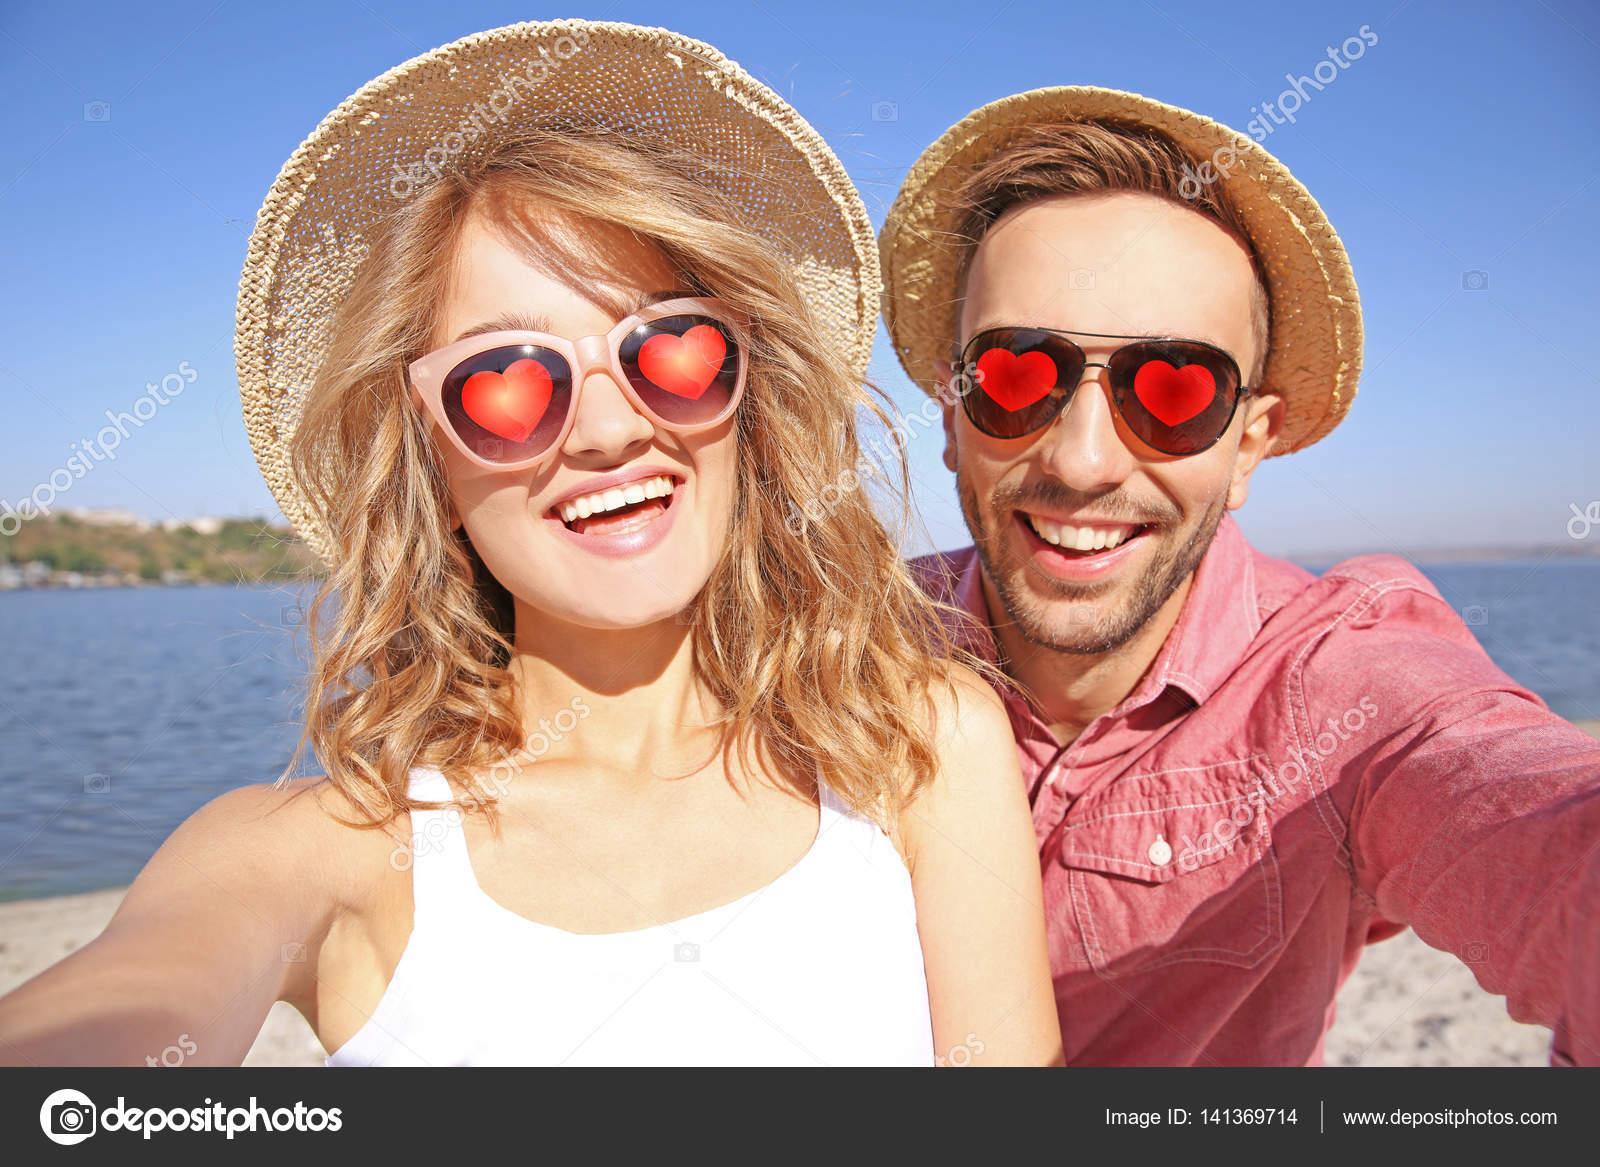 en la sur de beau Jeune couple coeurs soleil lunettes selfie prenant PwAqv6nEqz